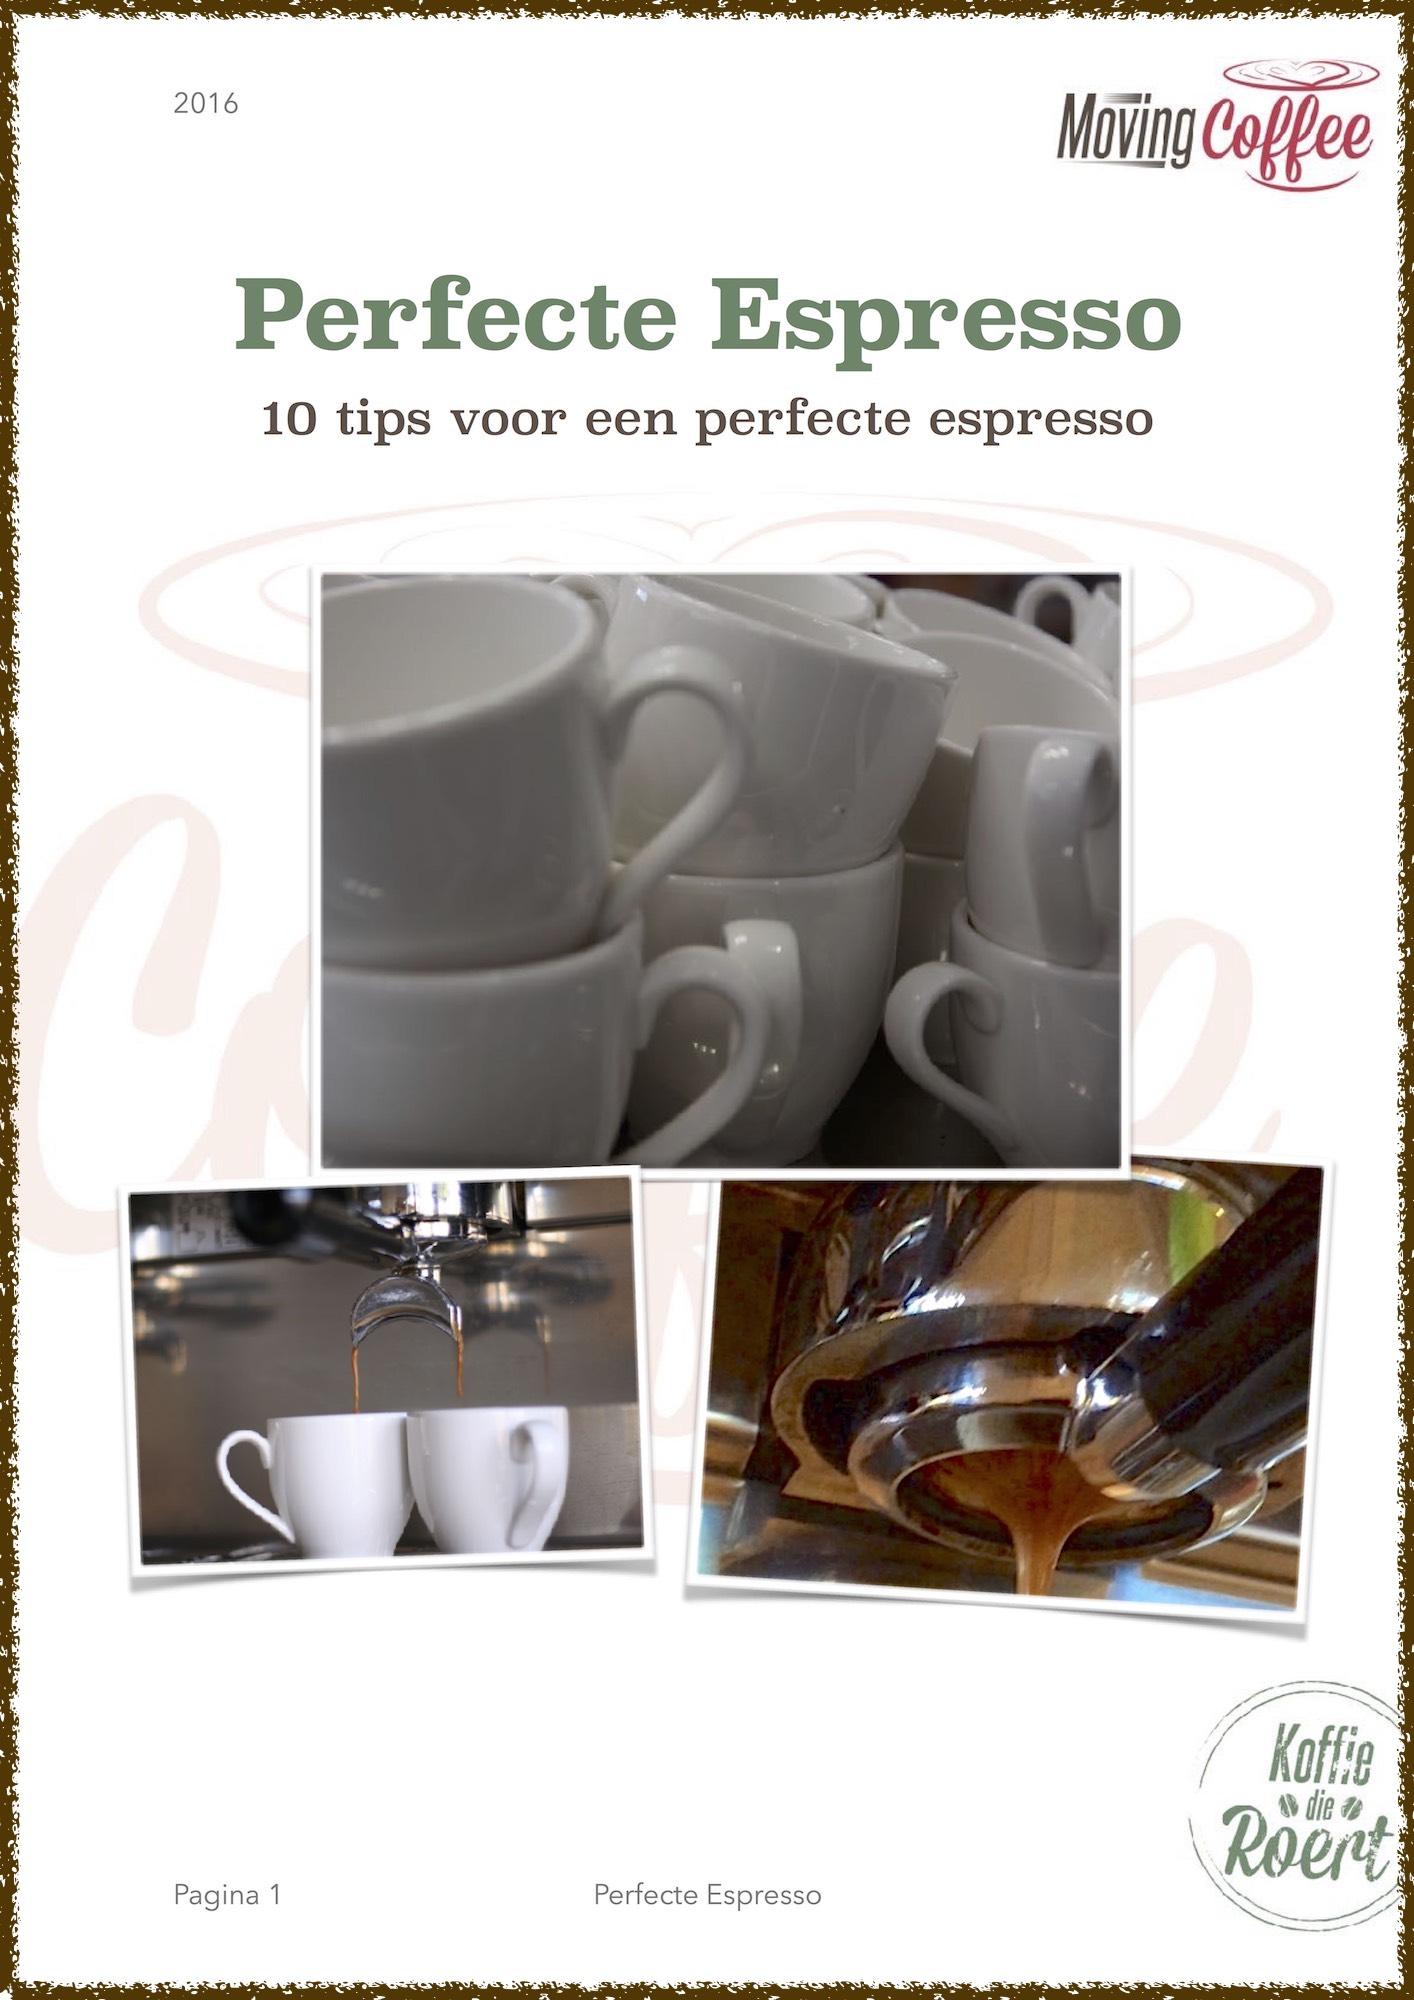 10 Tips voor een perfecte Espresso